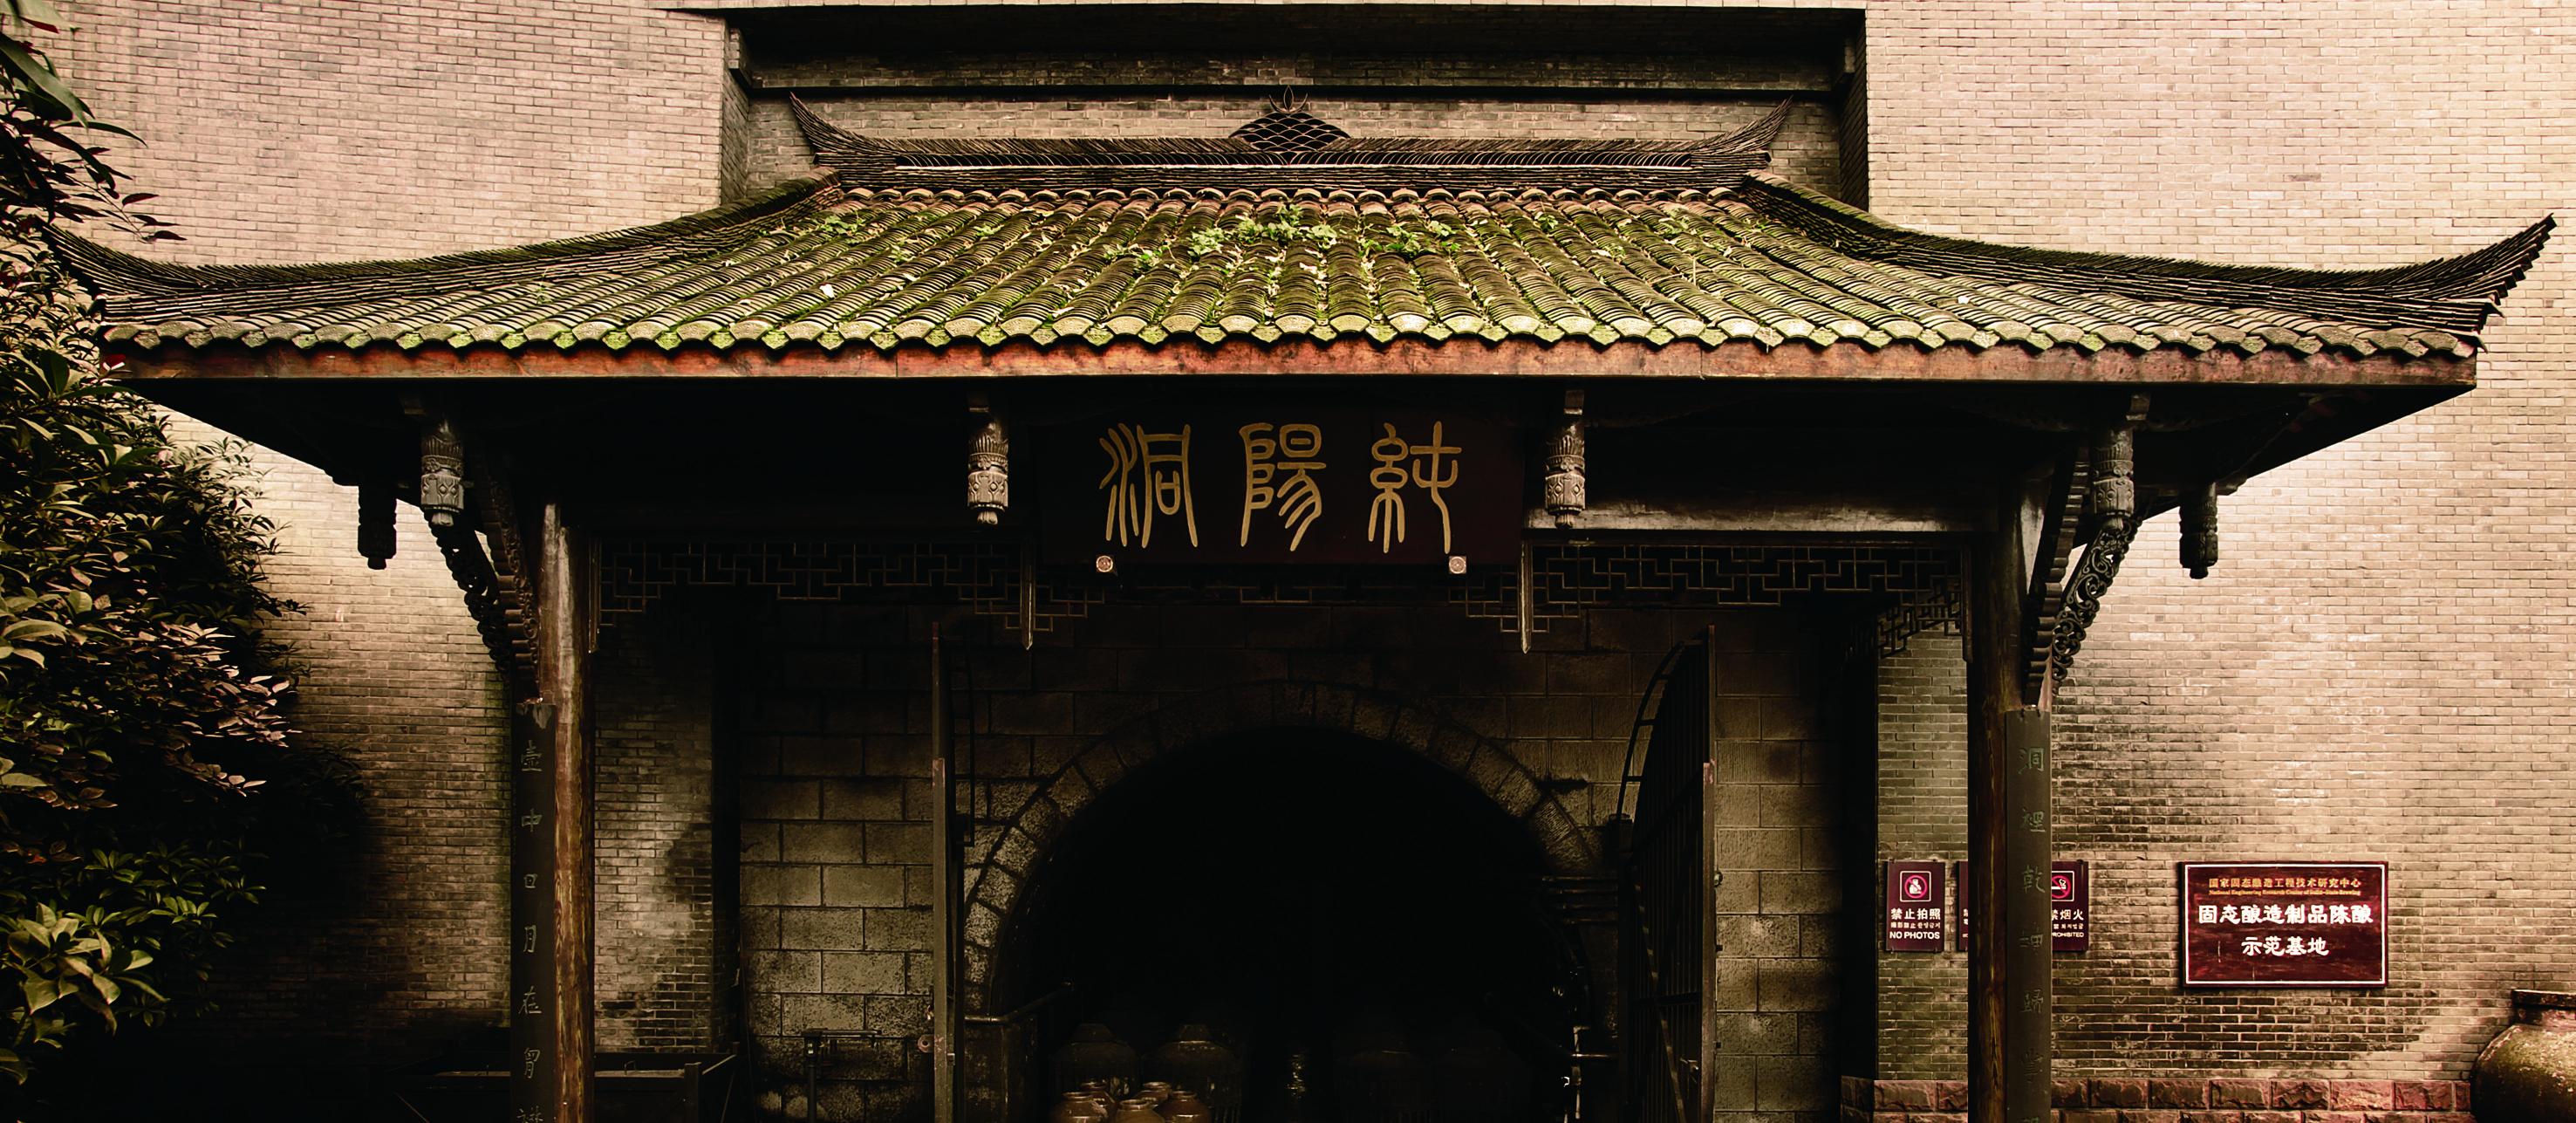 Aging tunnel Luzhou Laojiao